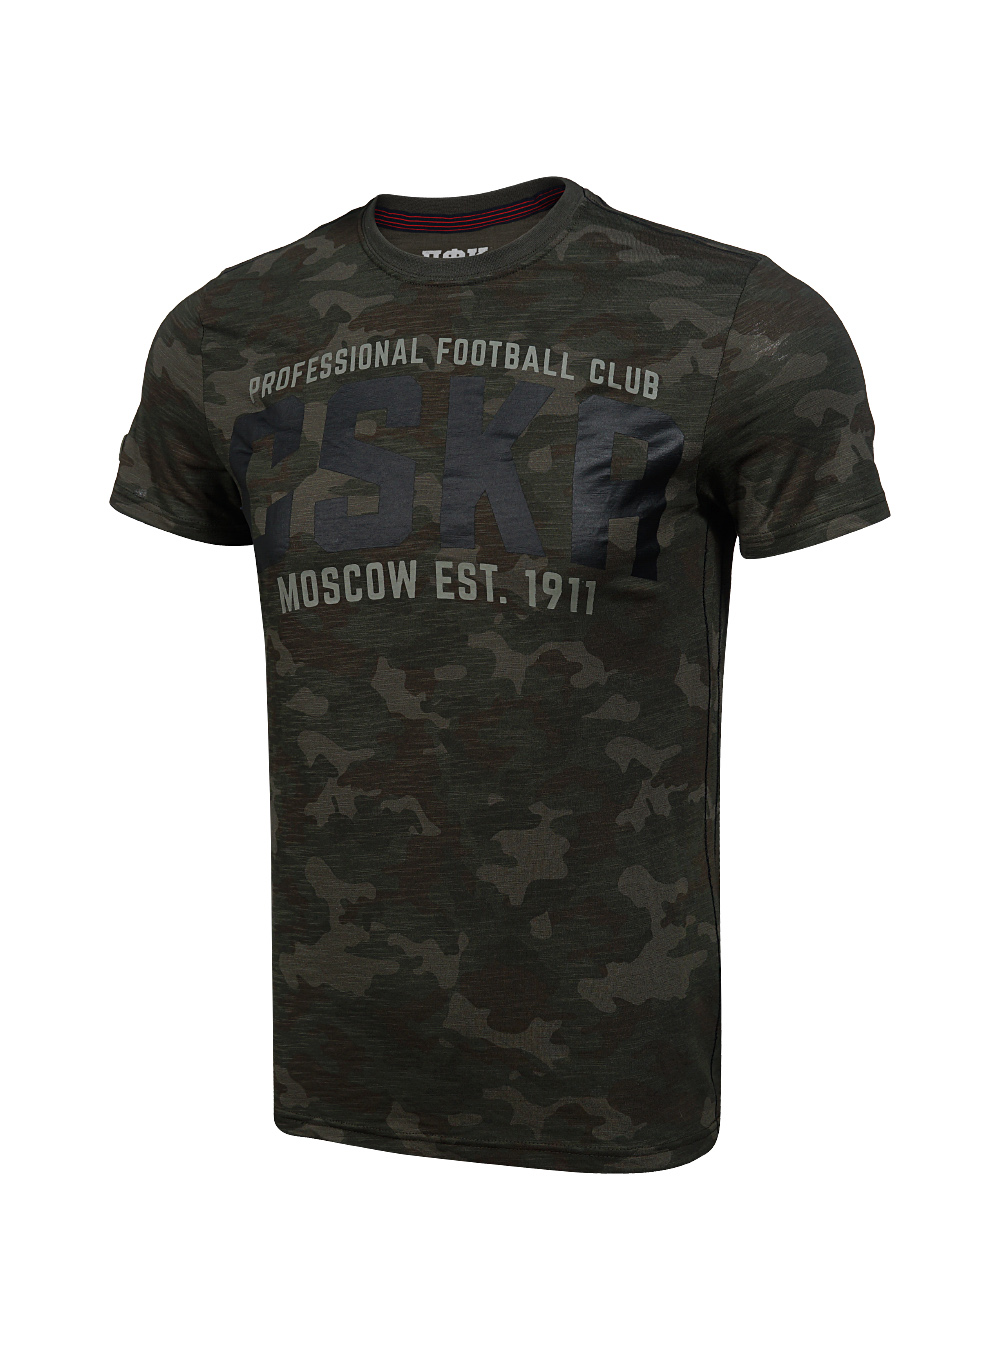 Купить Футболка CSKA (камо) (M) по Нижнему Новгороду